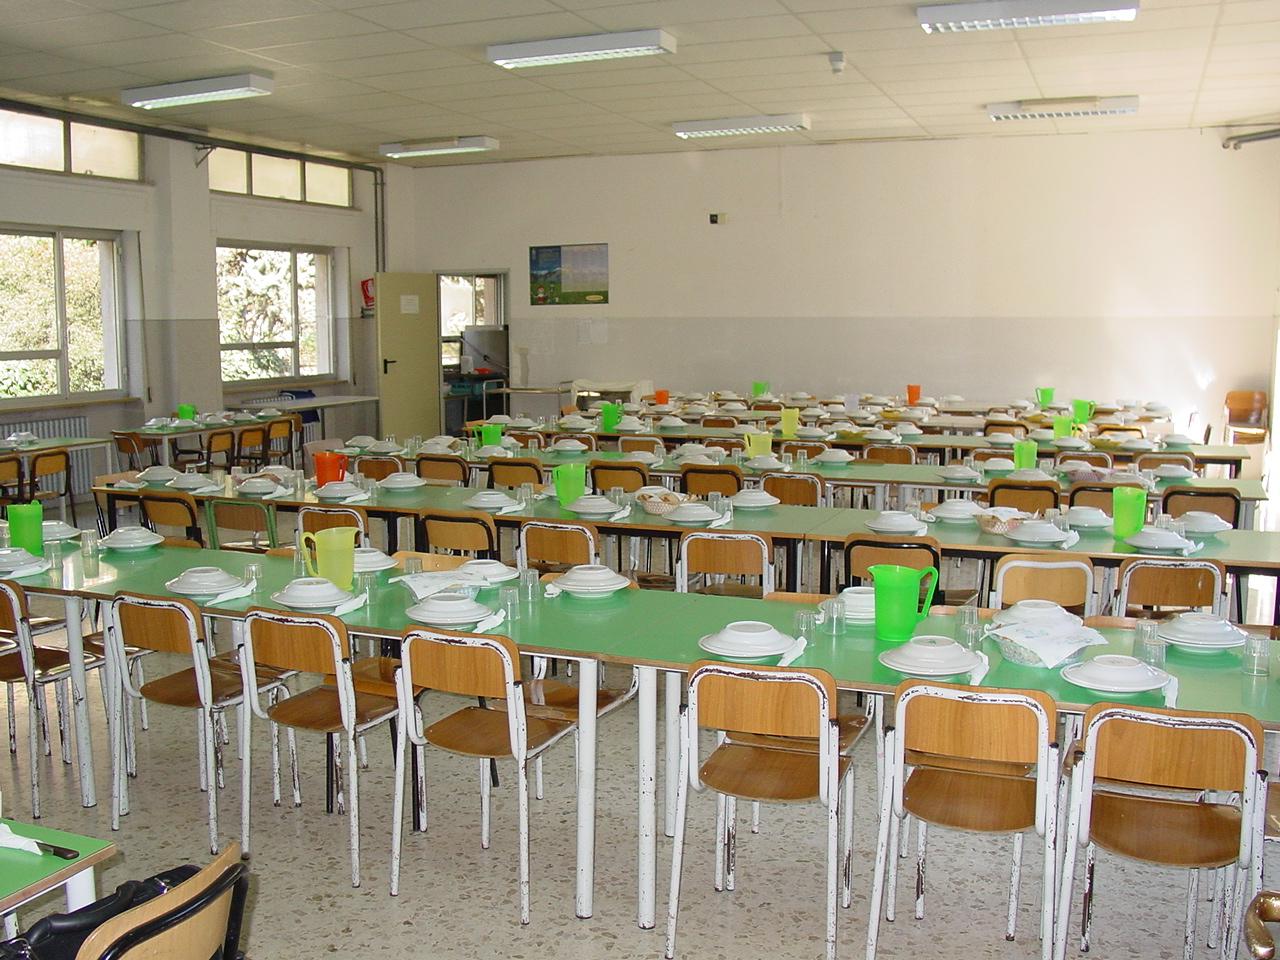 mensa-scolastica vuota senza bimbi nuovo